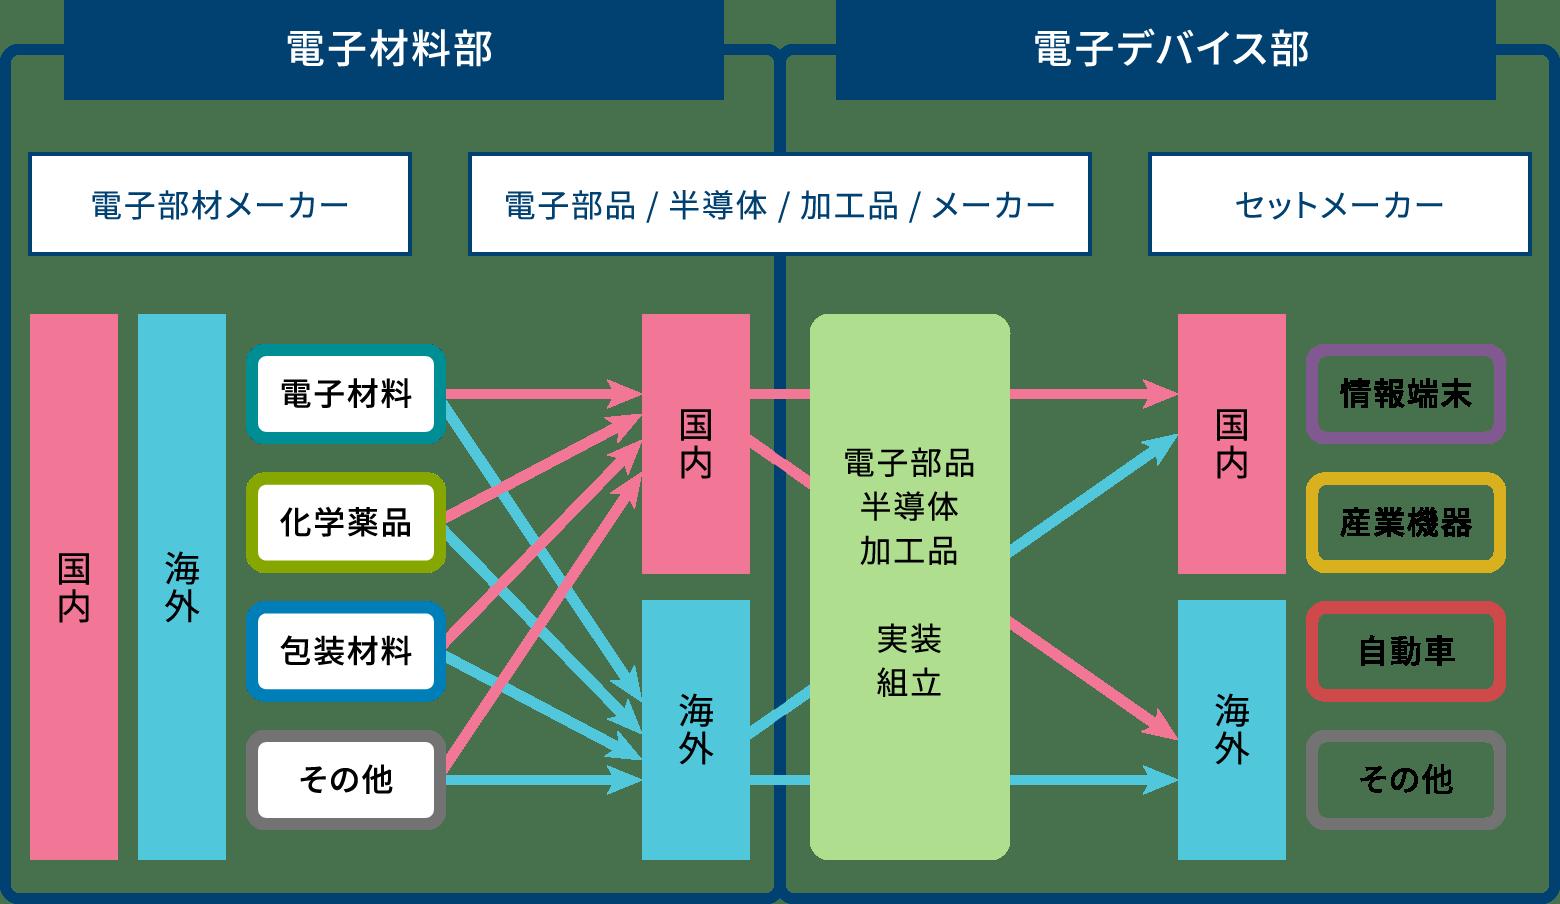 これまでご説明したエレクトロニクス事業の特徴を表した図